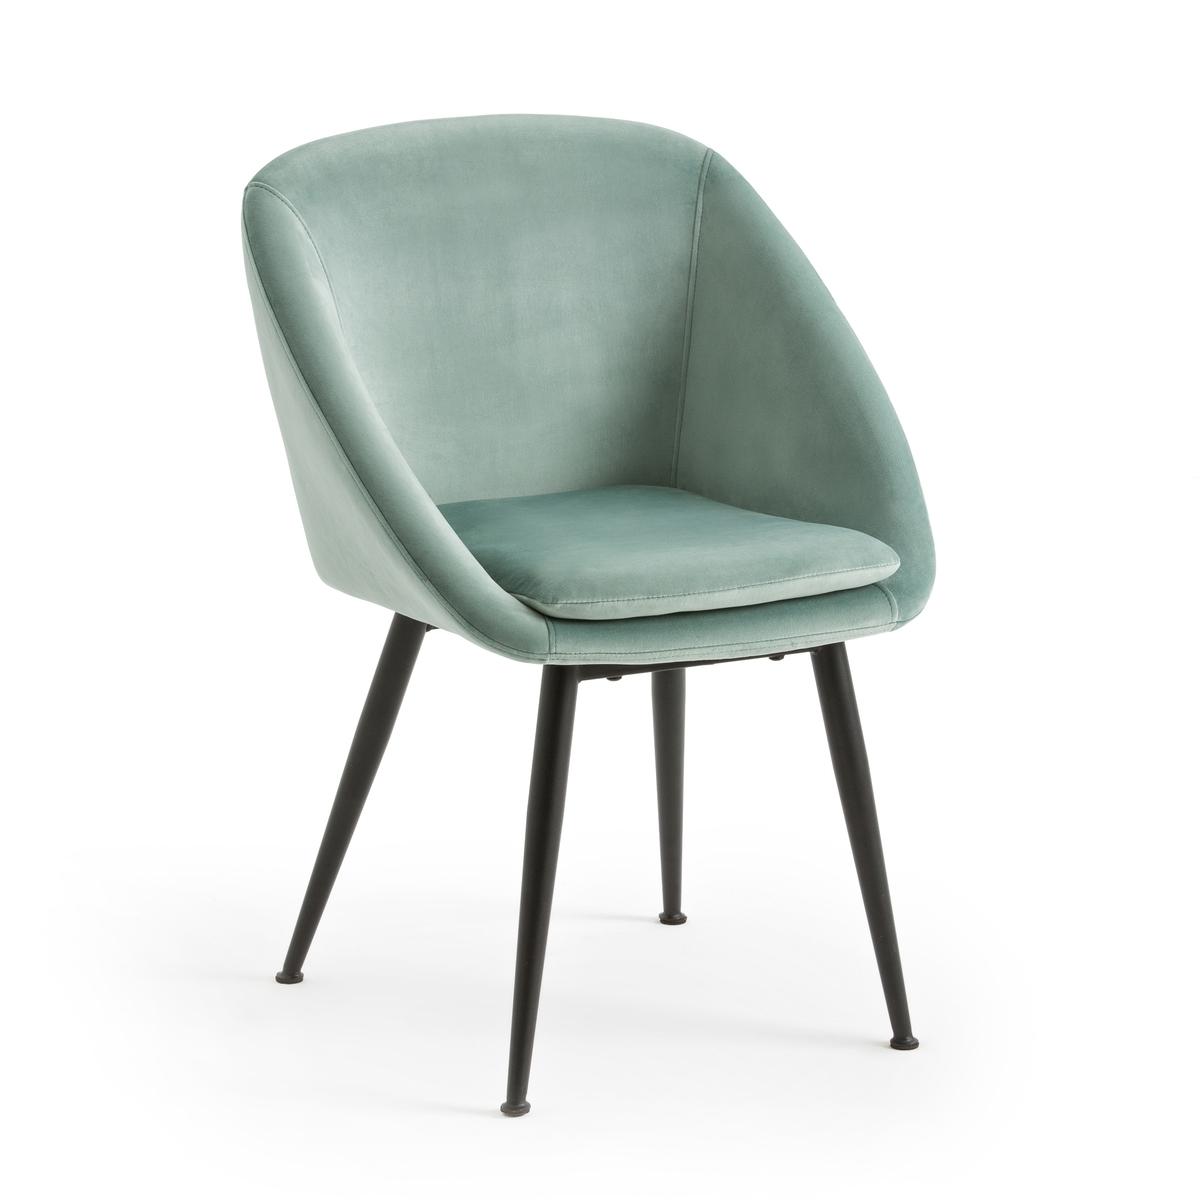 Кресло обеденное из велюра, TOPIM зажигалки colibri qtr497012